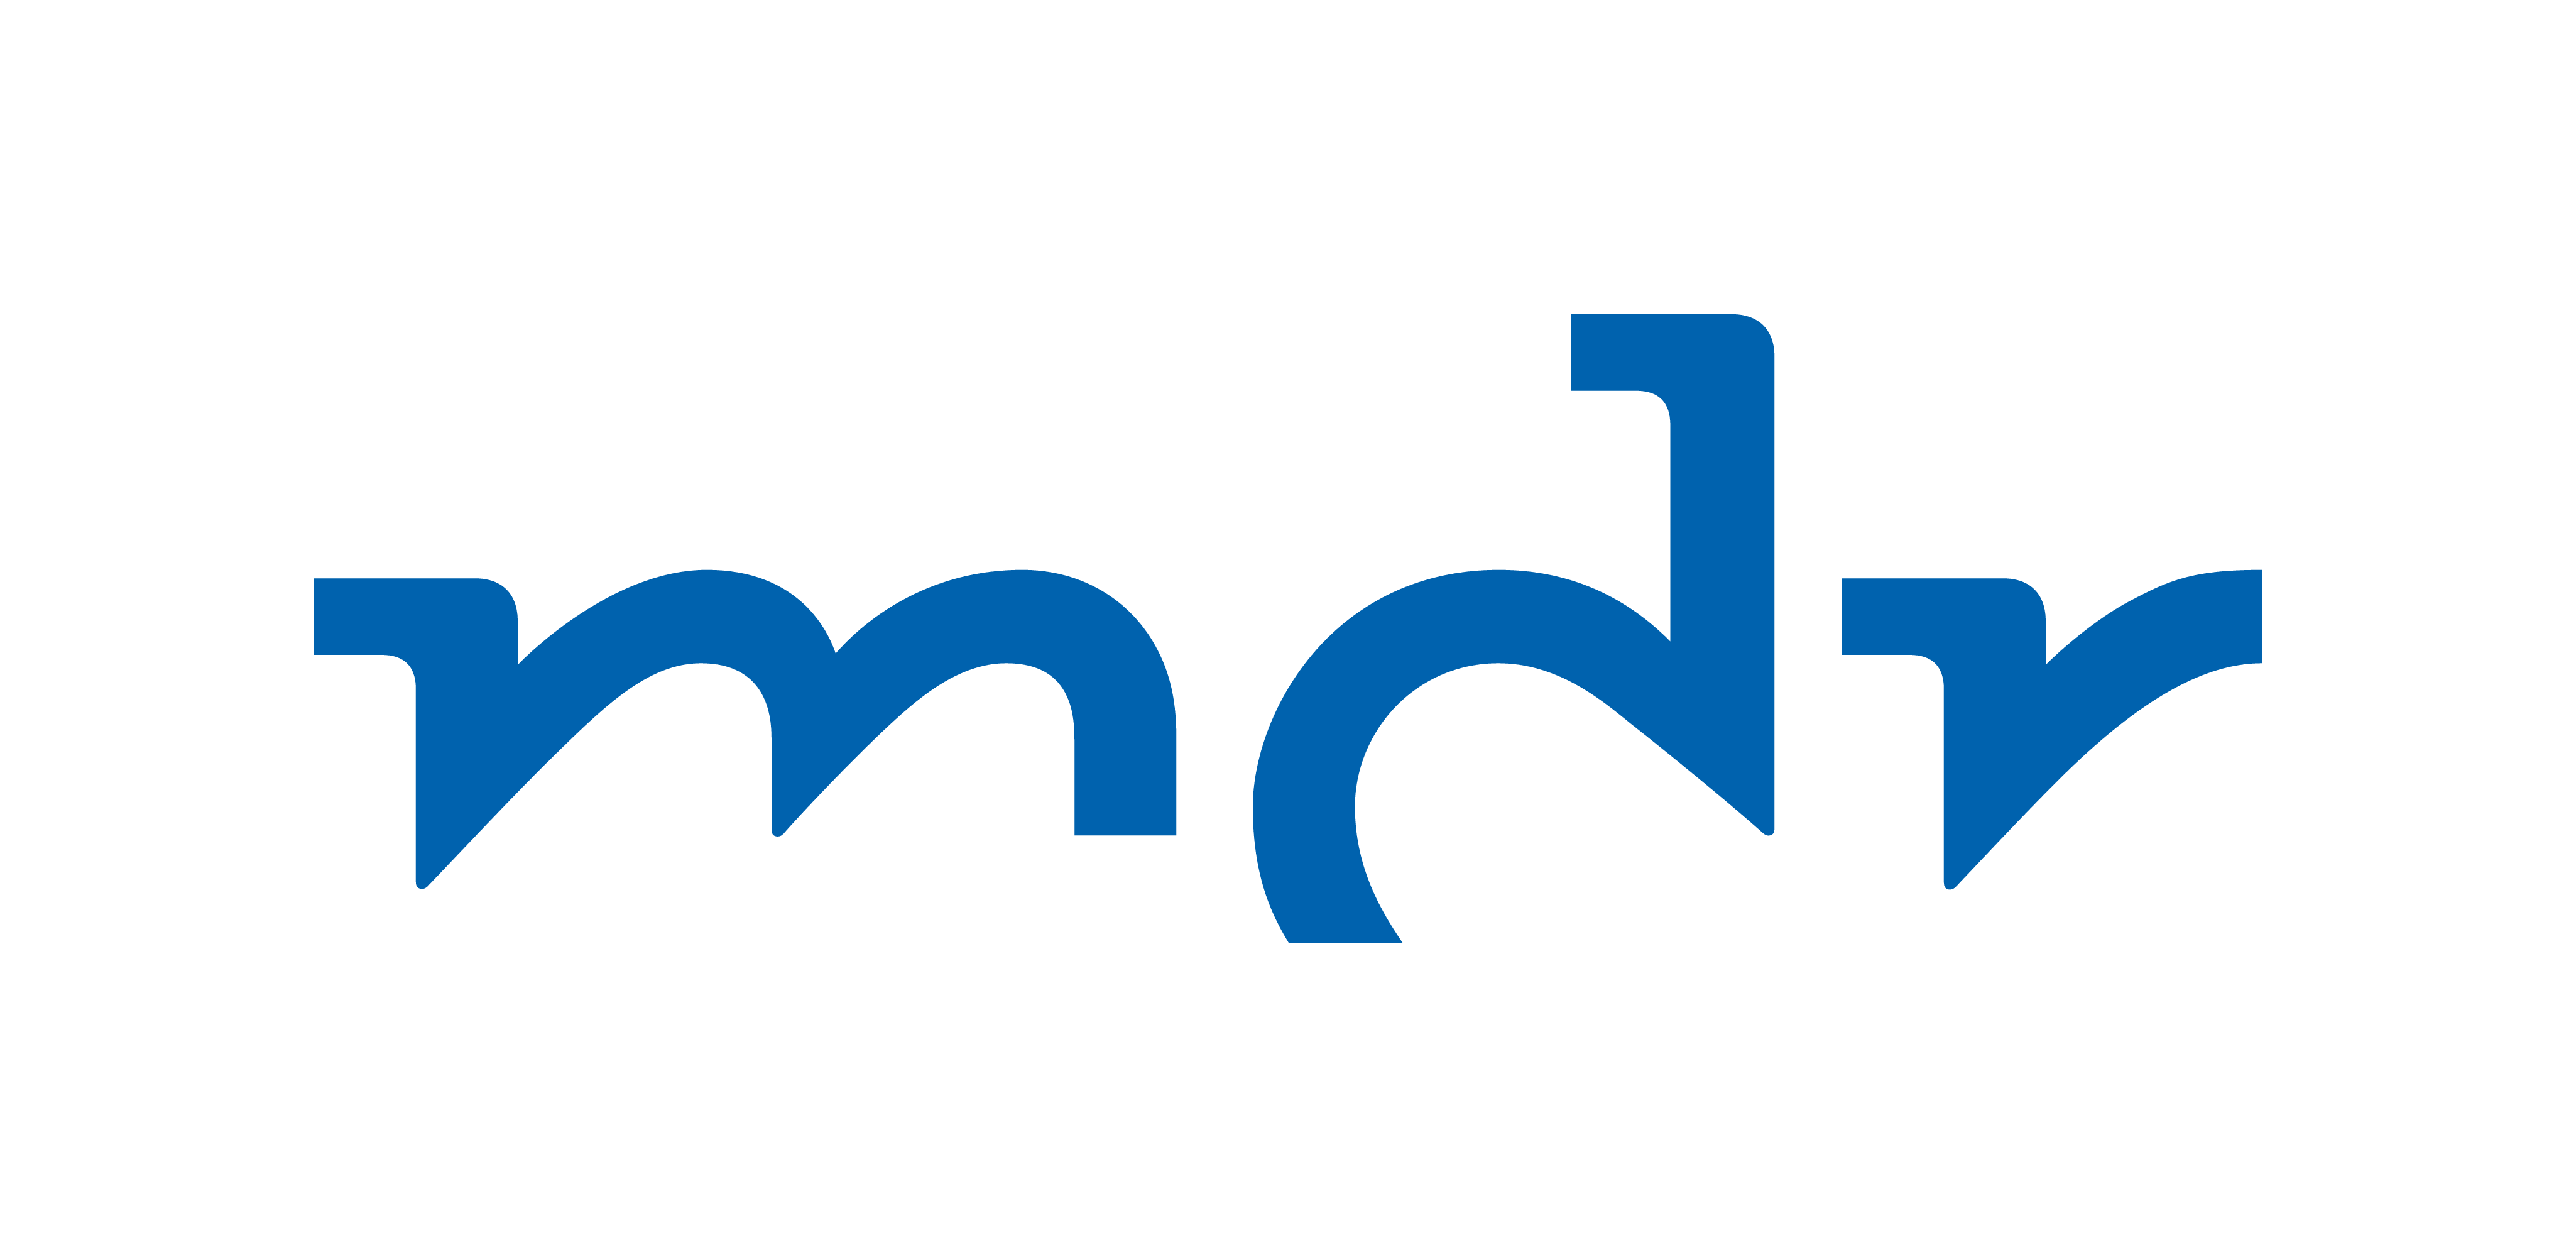 MDR-Typogramm_Blau_sRGB